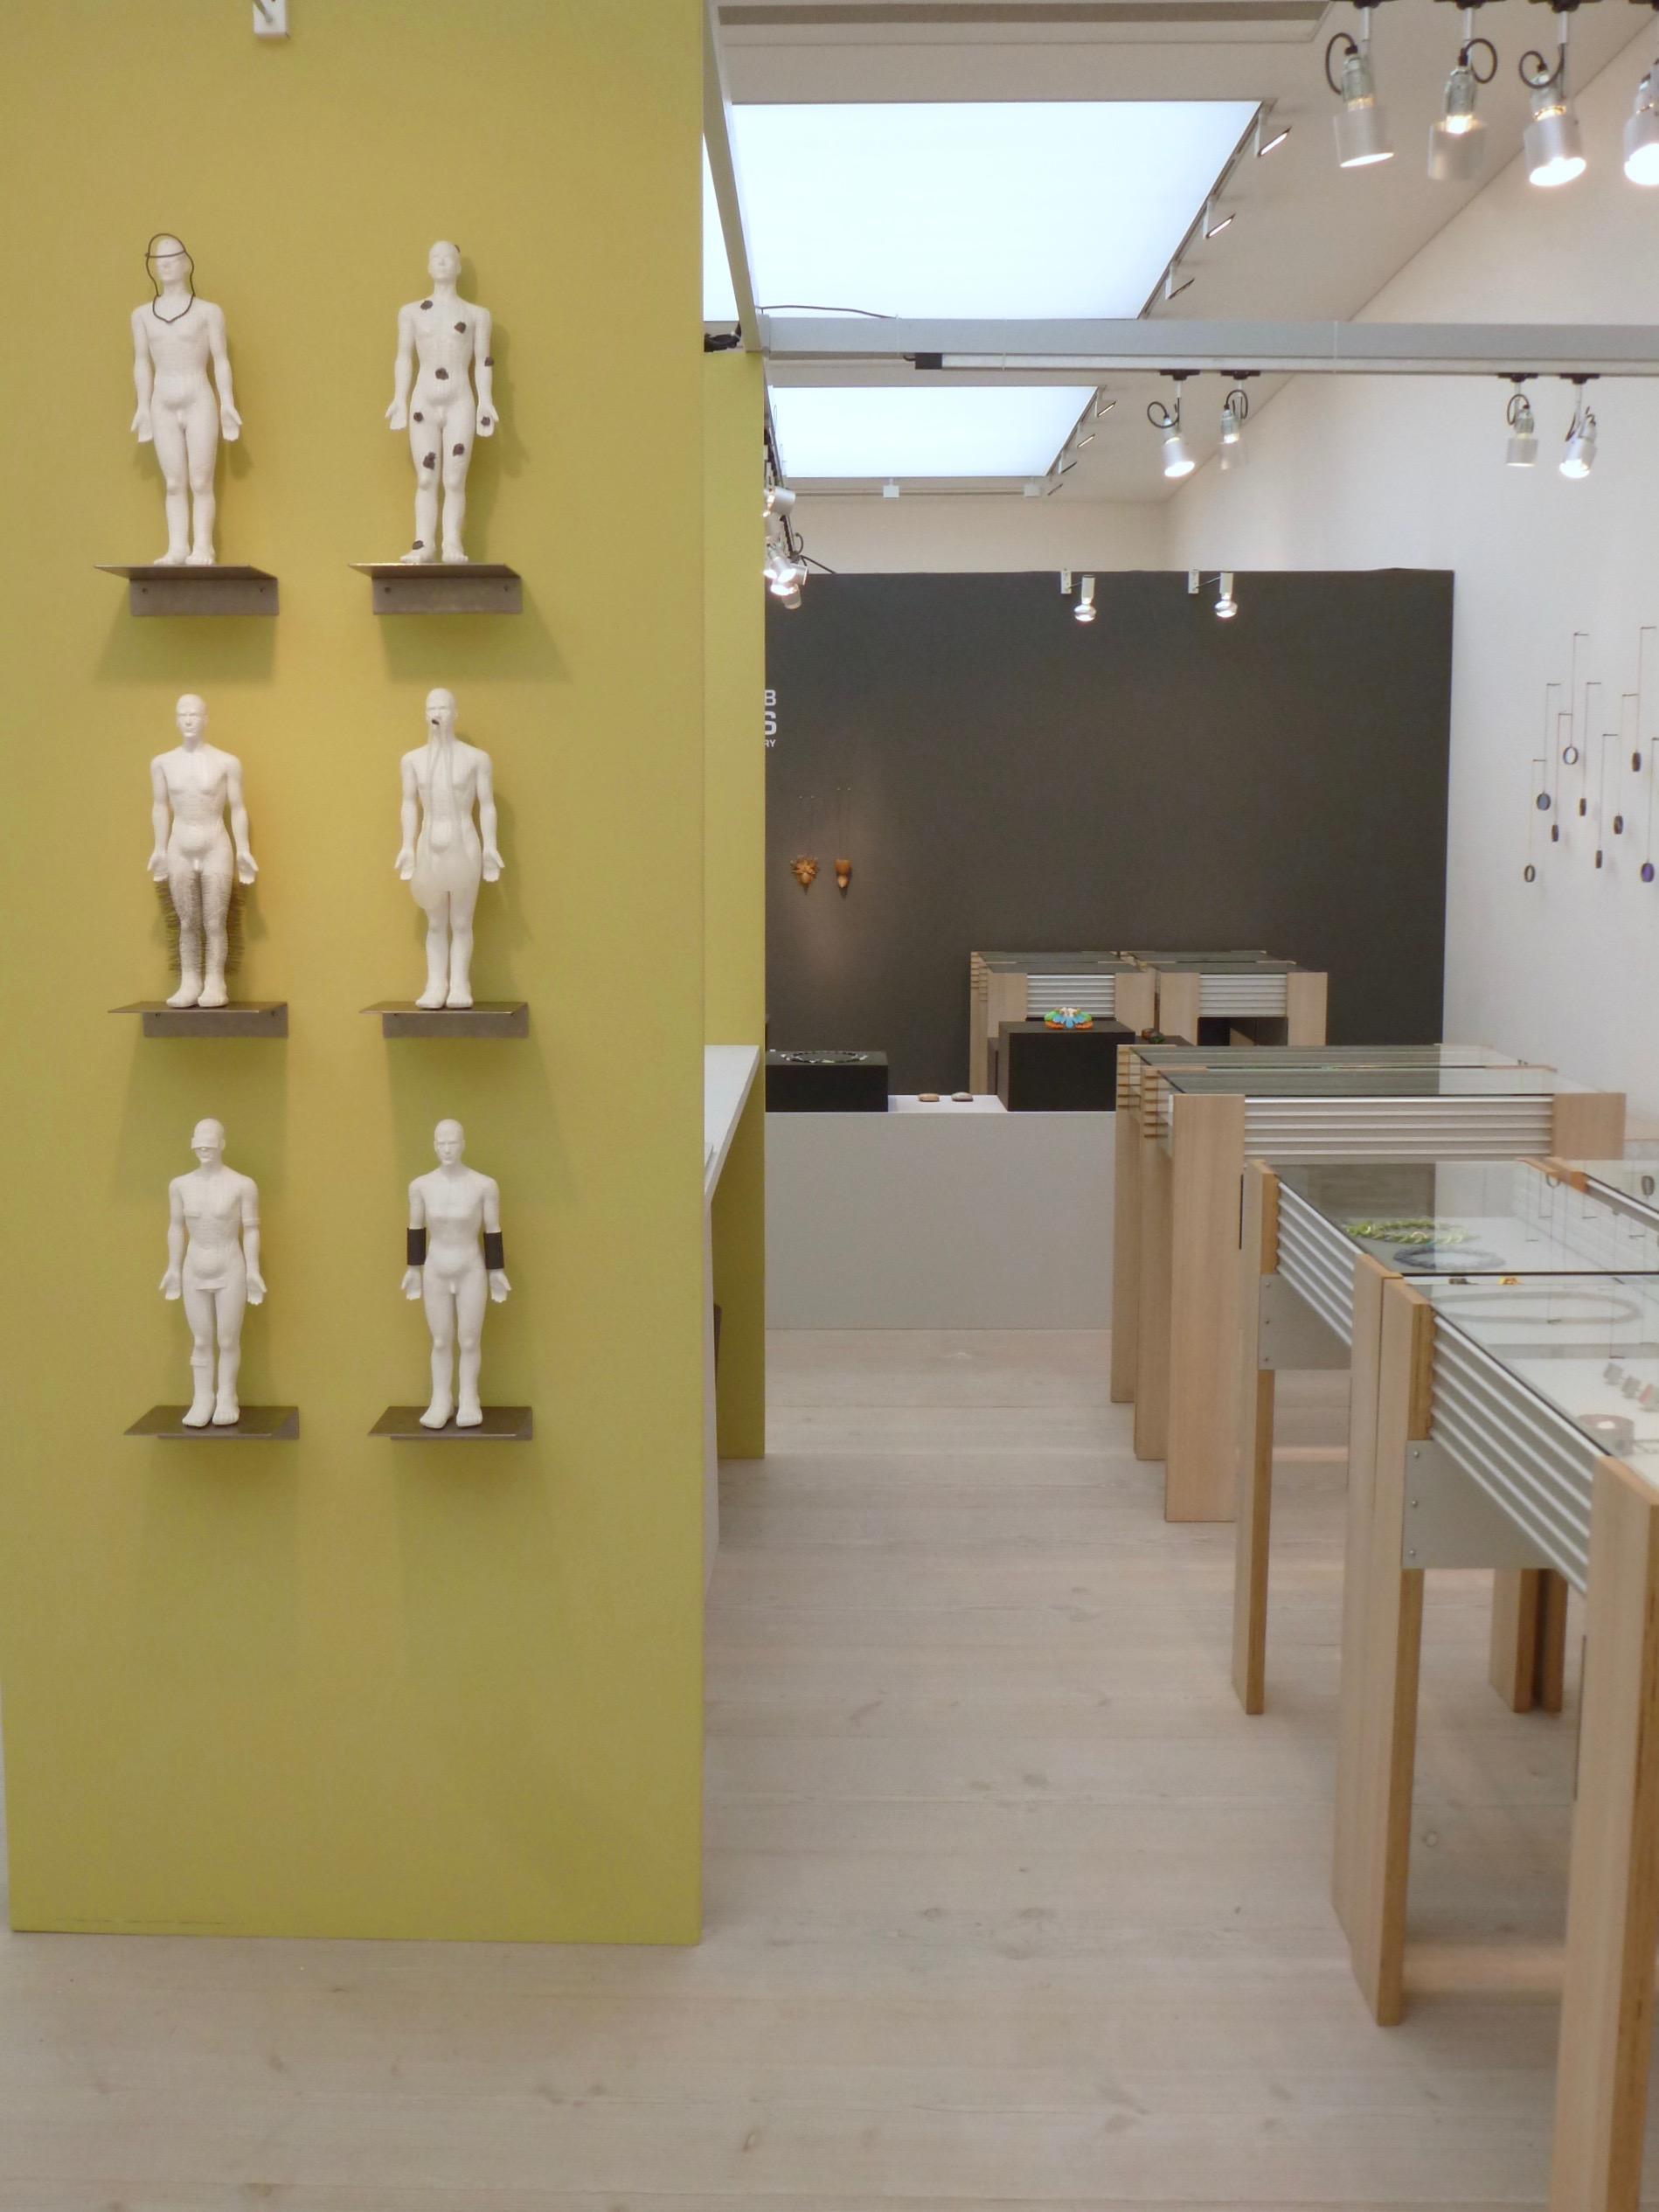 Galerie Rob Koudijs met werk van Ruudt Peters op Collect, Londen, 2014. Foto met dank aan Galerie Rob Koudijs©